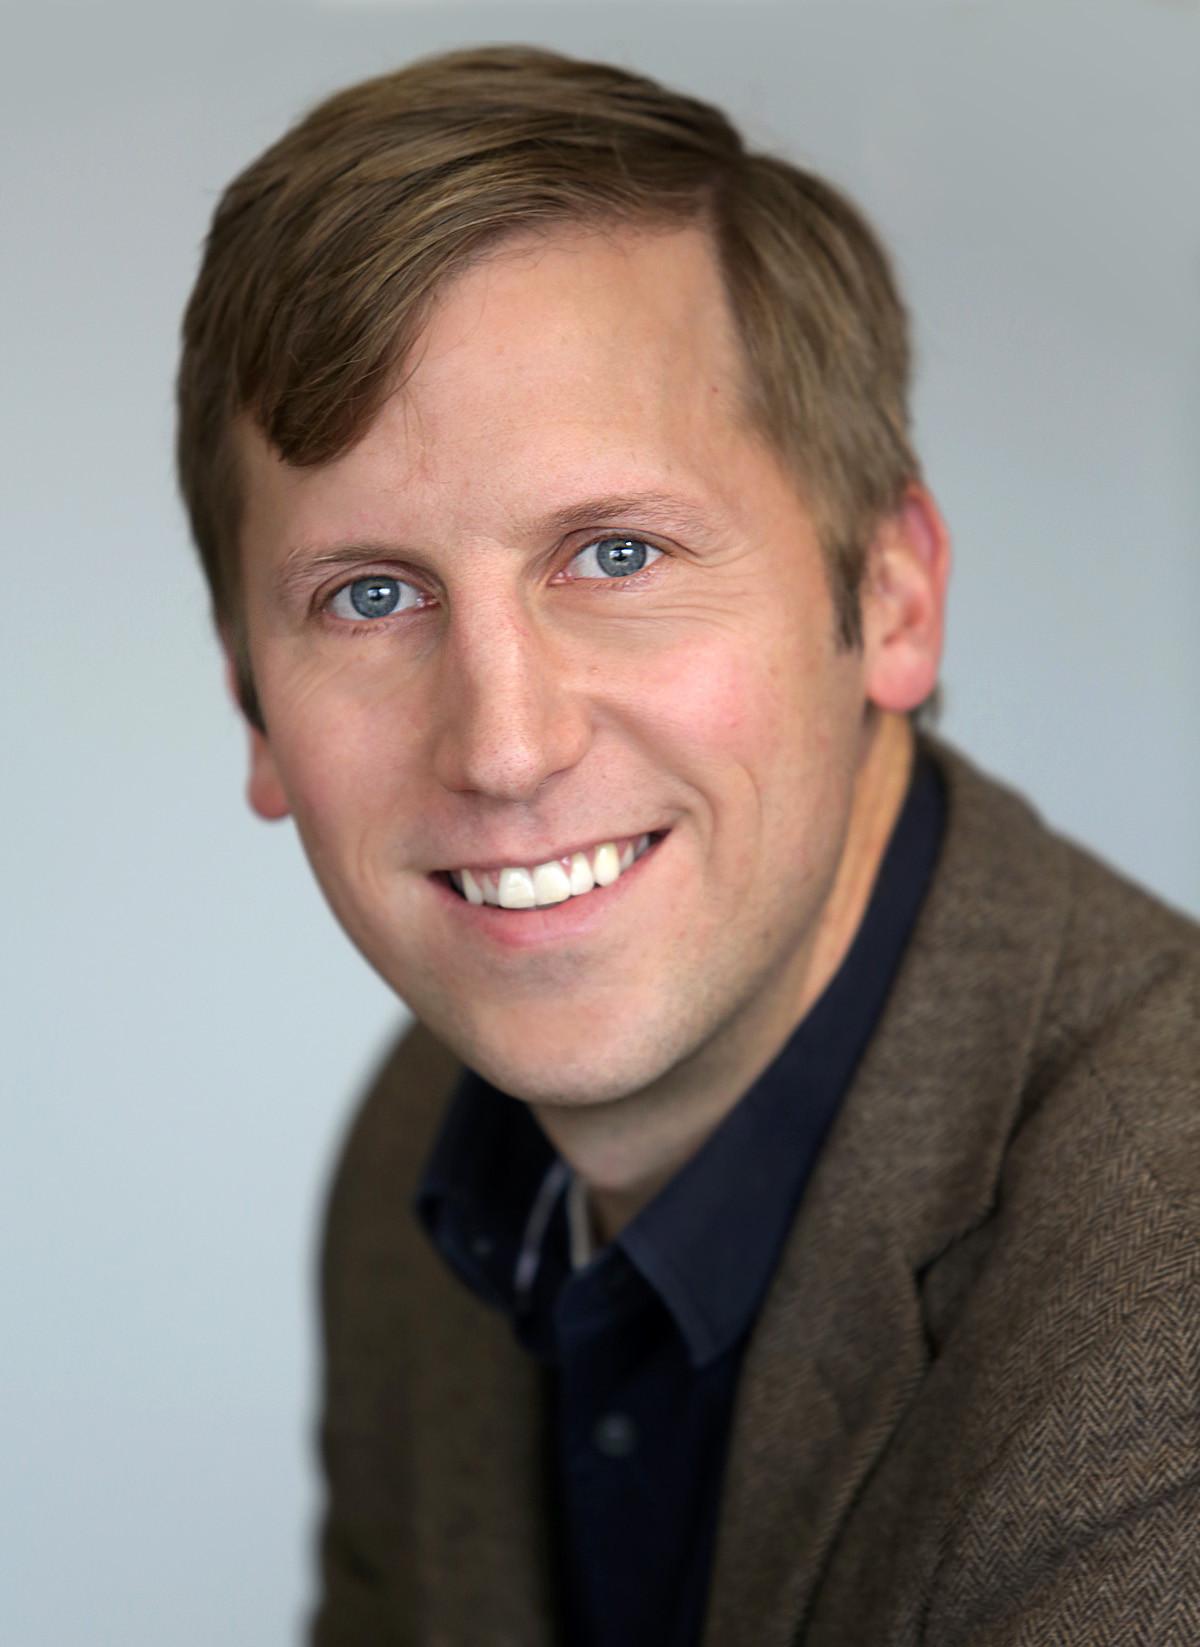 Ryan McKinnon